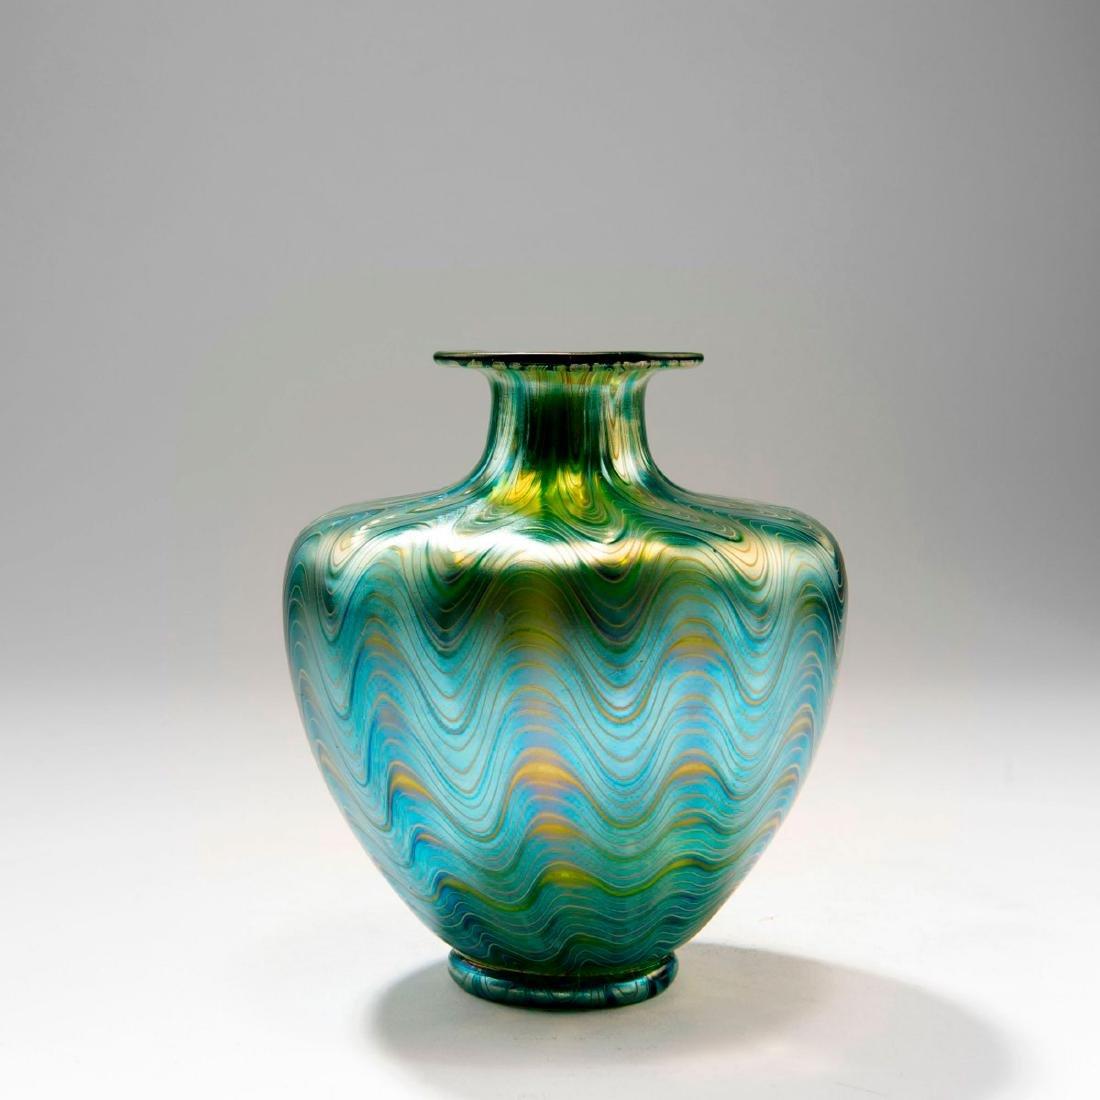 'Phänomen' vase, 1898 - 2